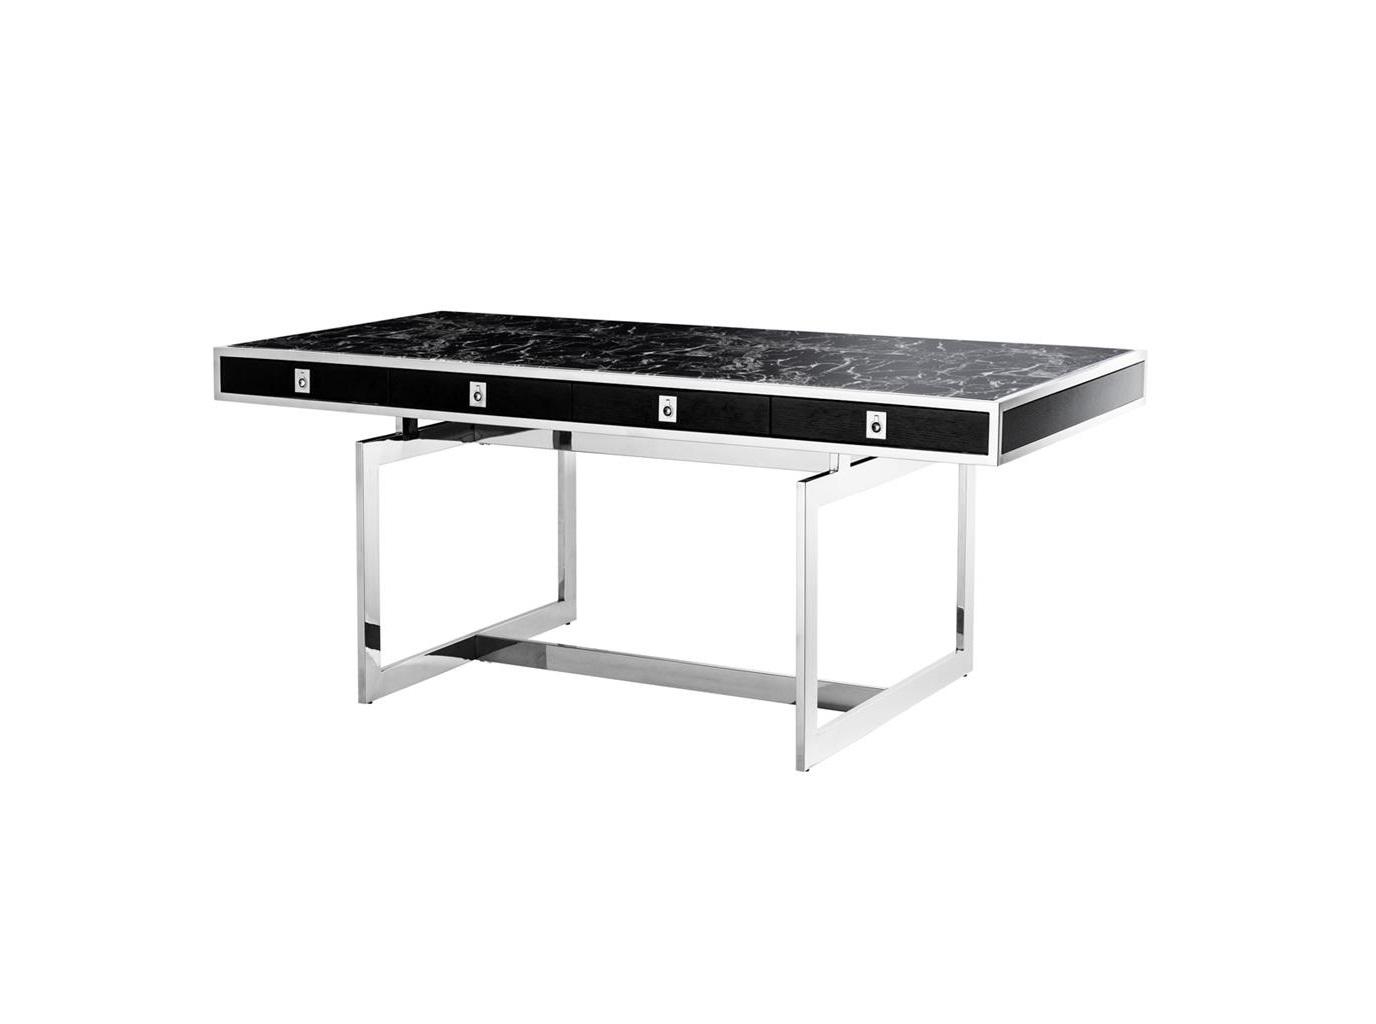 Стол EvolutionПисьменные столы<br>Письменный стол Evolution с каркасом из полированной нержавеющей стали и столешницей под черный мрамор. Четыре деревянных выдвижных ящика.<br><br>Material: Мрамор<br>Ширина см: 190.0<br>Высота см: 74<br>Глубина см: 90.0